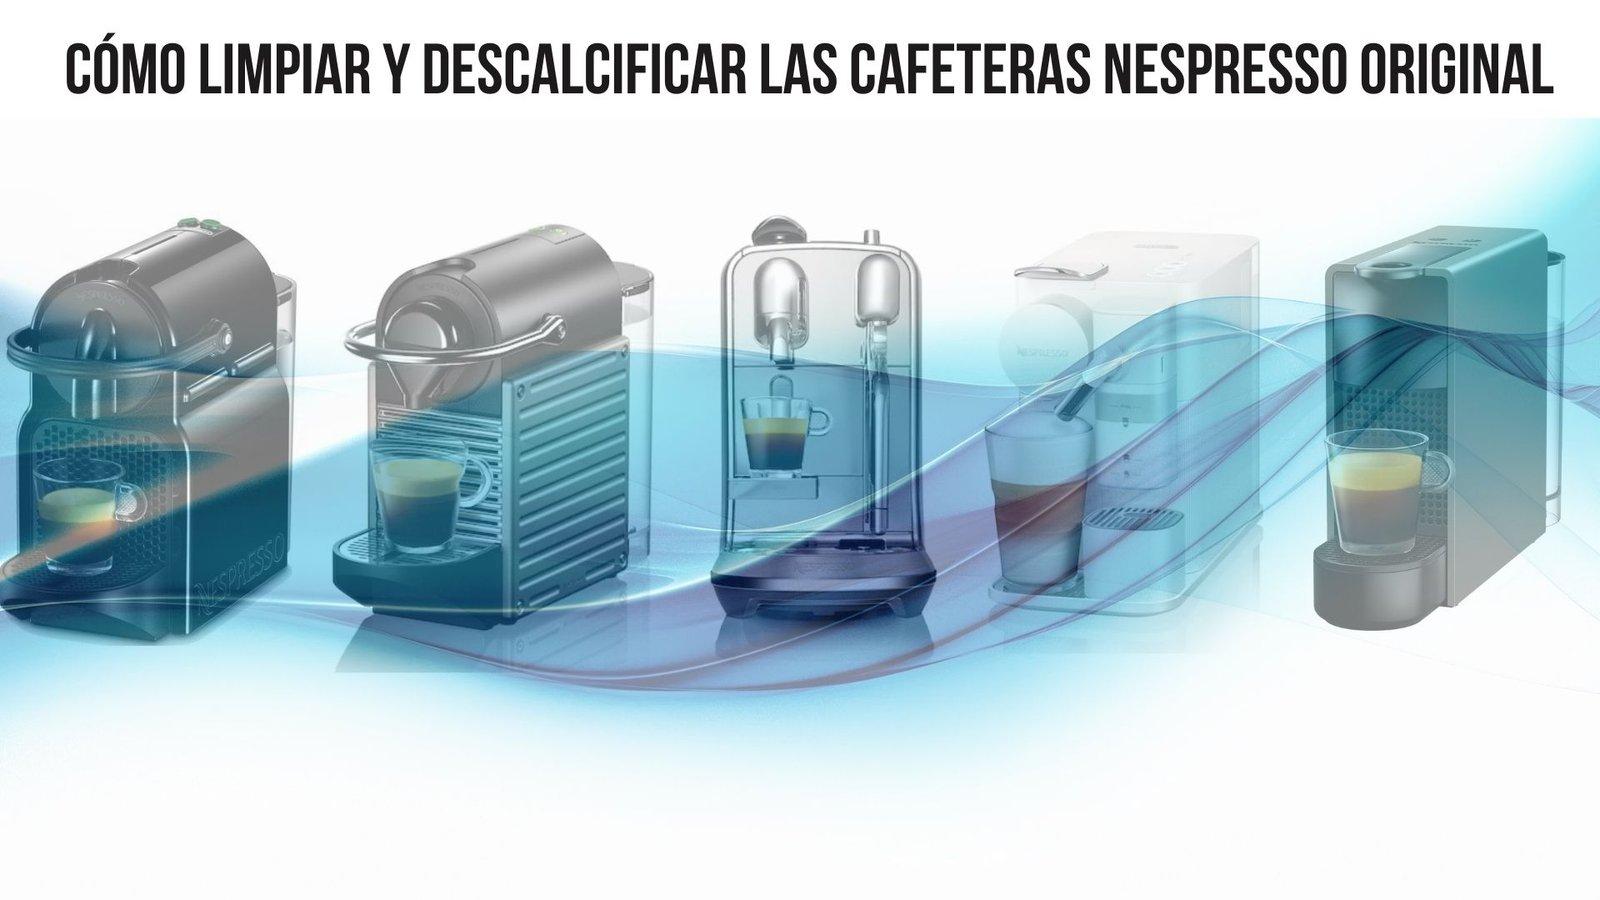 Cómo limpiar y descalcificar las cafeteras Nespresso Original